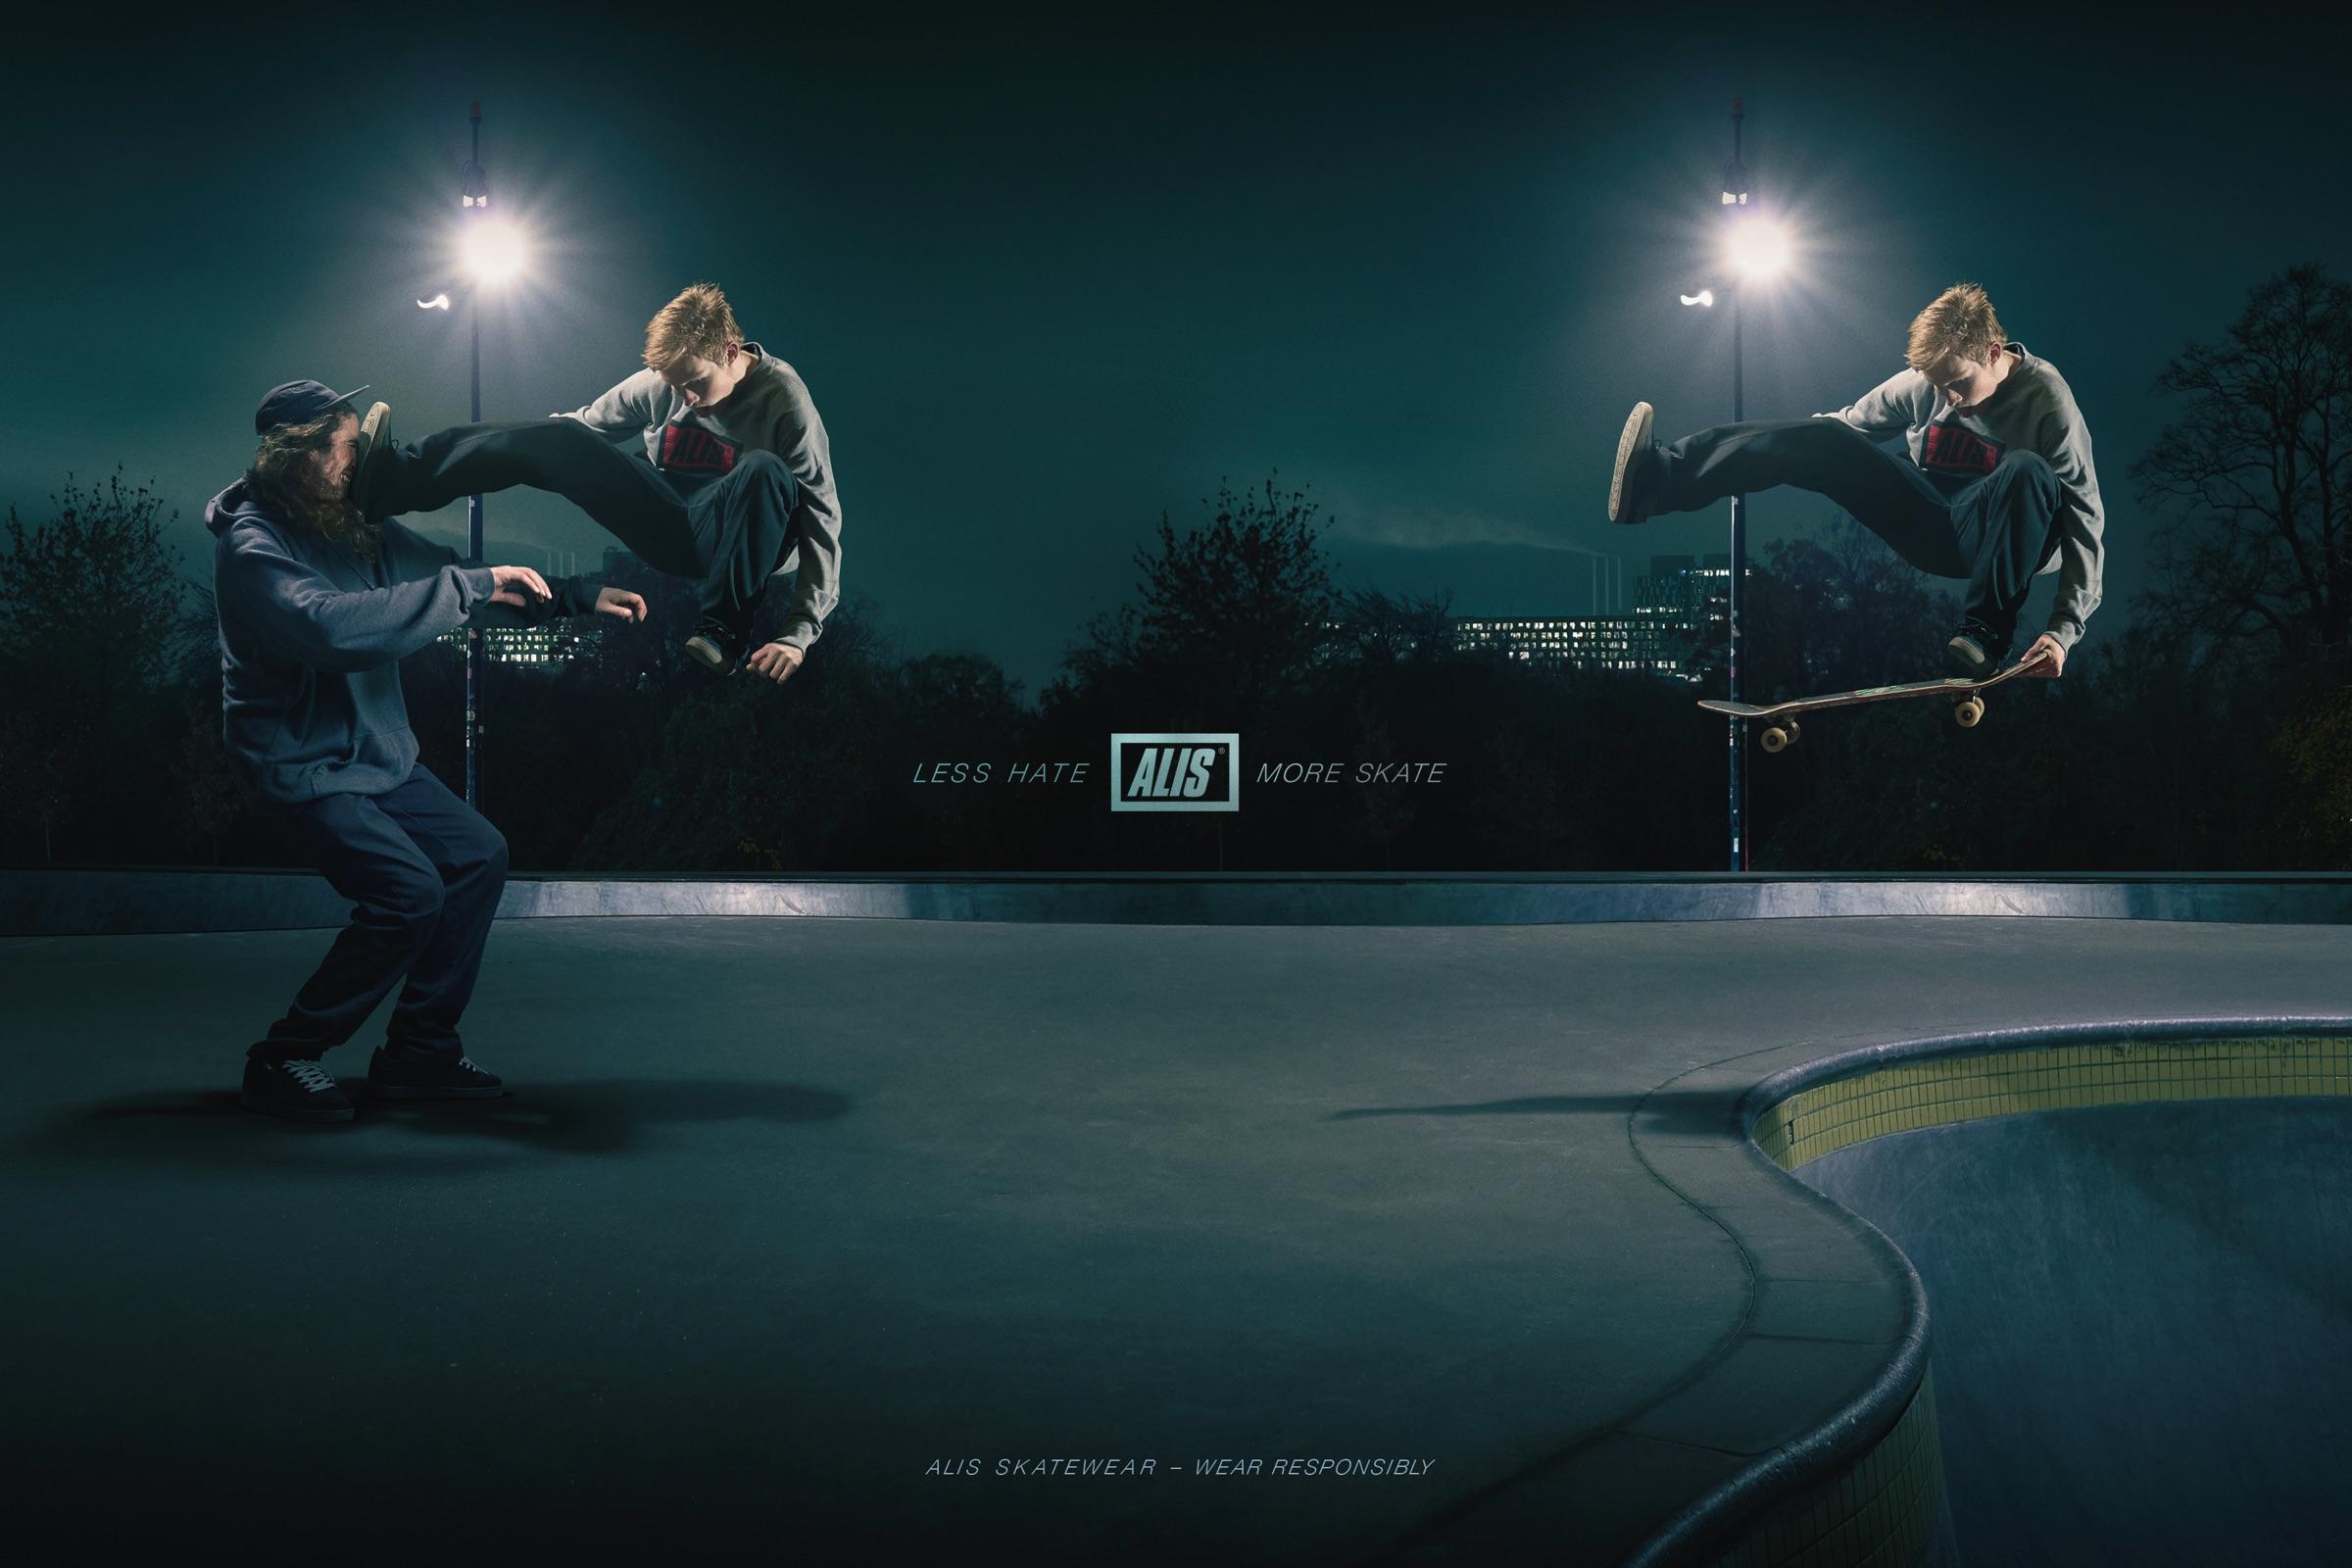 Alis Print Ad - Less Hate – More Skate, 2